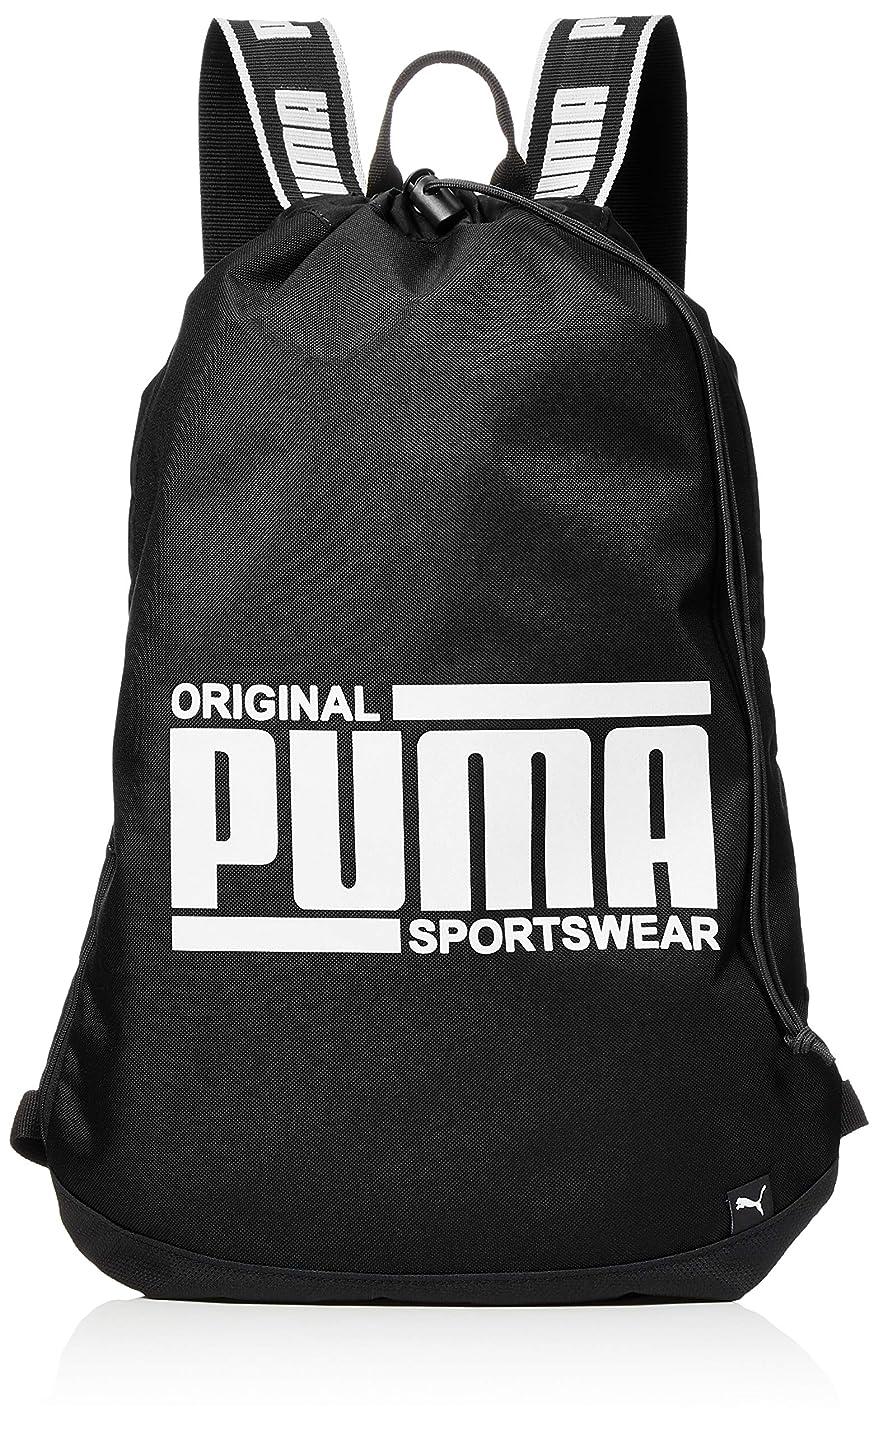 アセンブリ枕降臨[プーマ] リュック プーマ ソール スマートバッグ